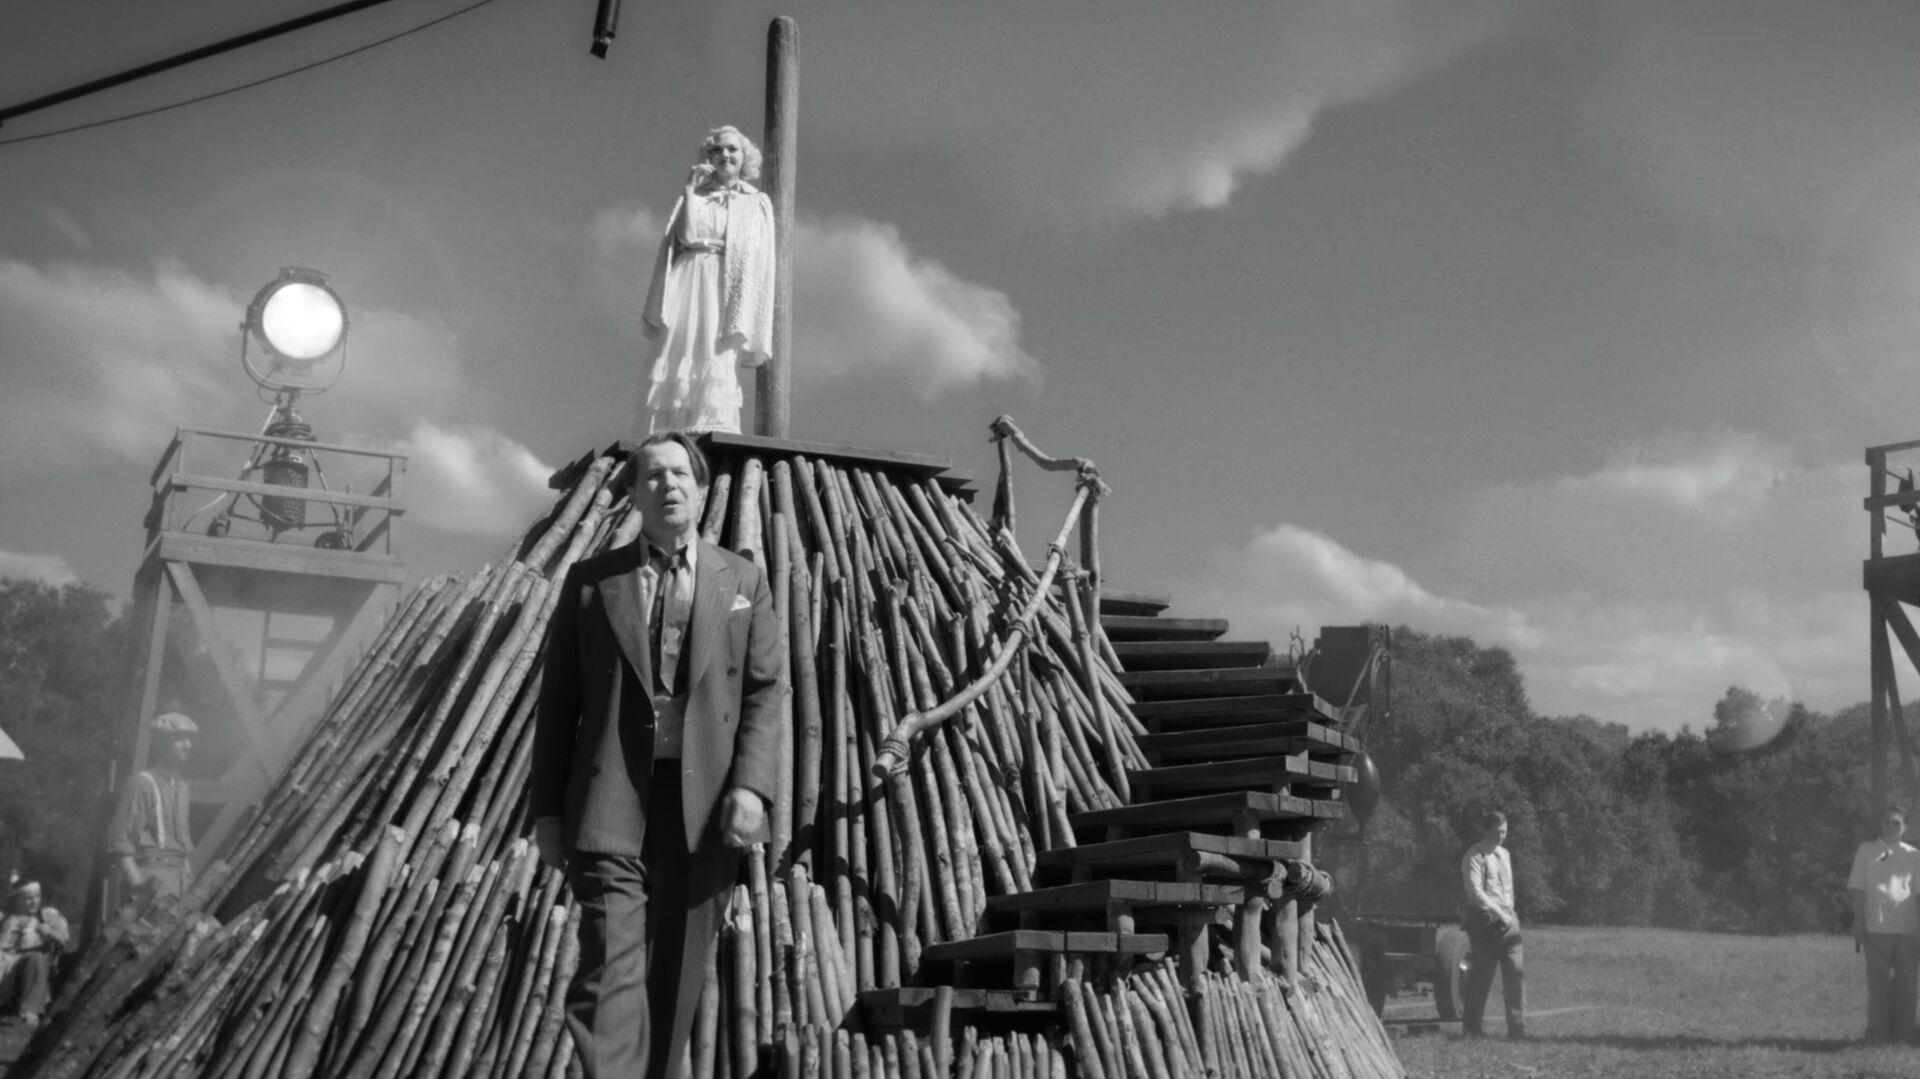 Кадр из трейлера фильма Манк - РИА Новости, 1920, 25.11.2020